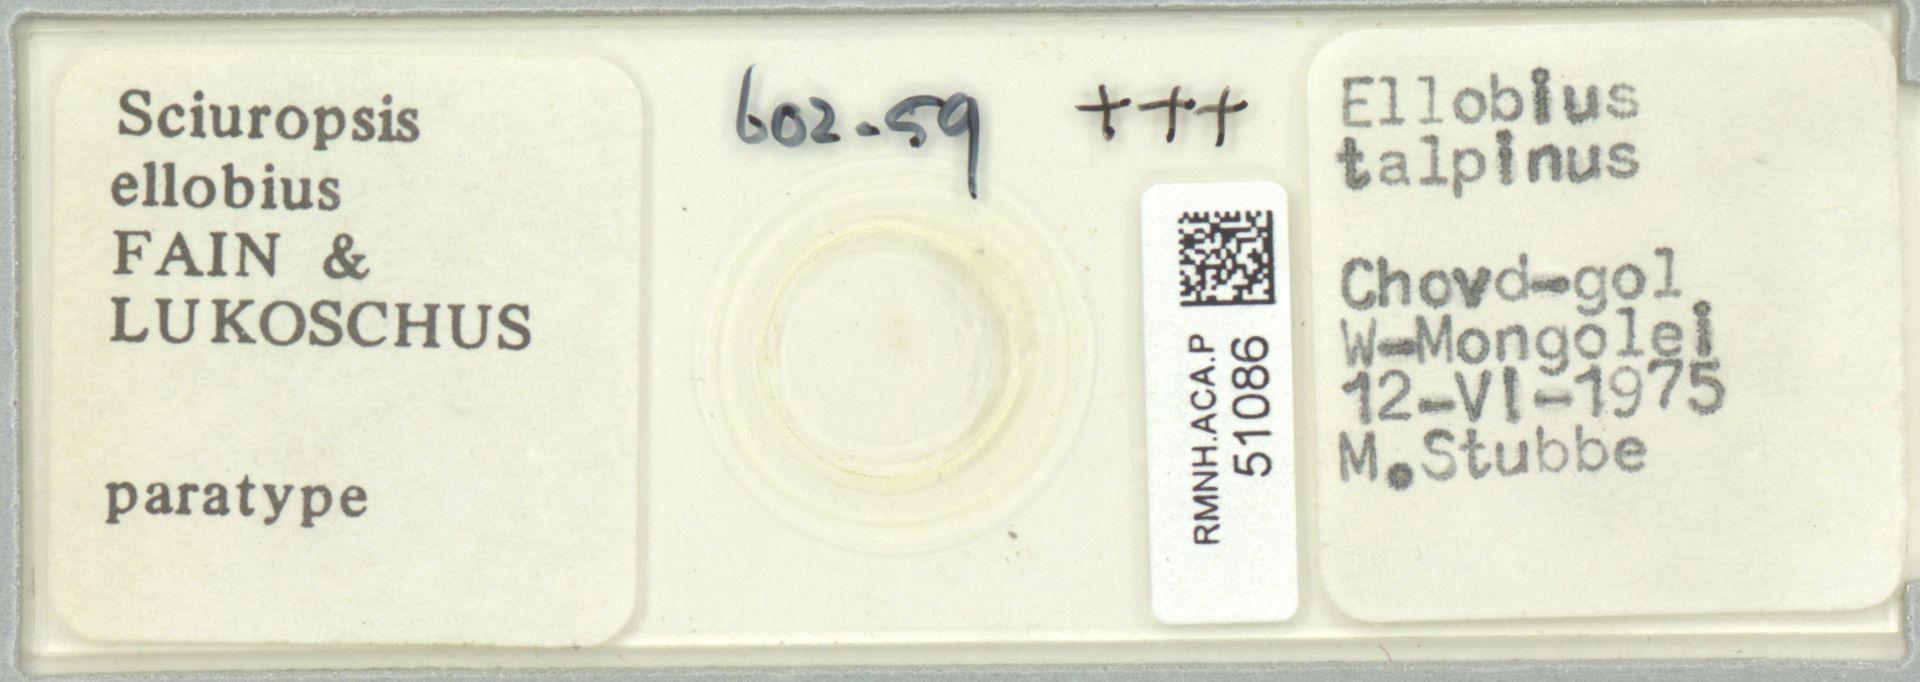 RMNH.ACA.P.51086 | Sciuropsis ellobius Fain & Lukoschus